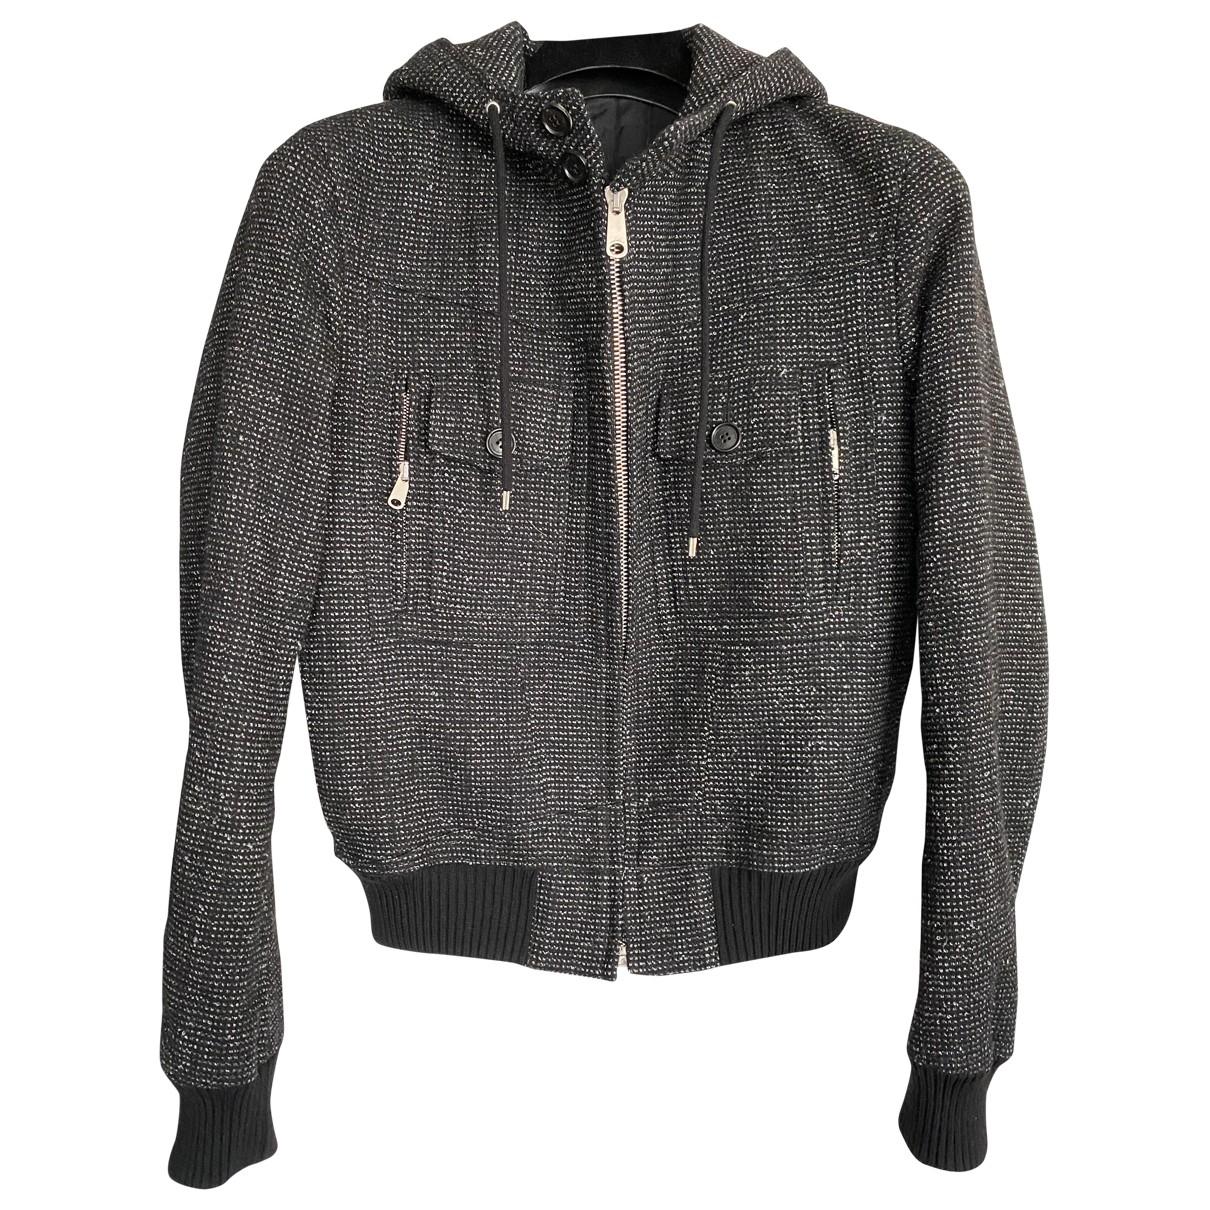 Dior Homme - Vestes.Blousons   pour homme en laine - anthracite